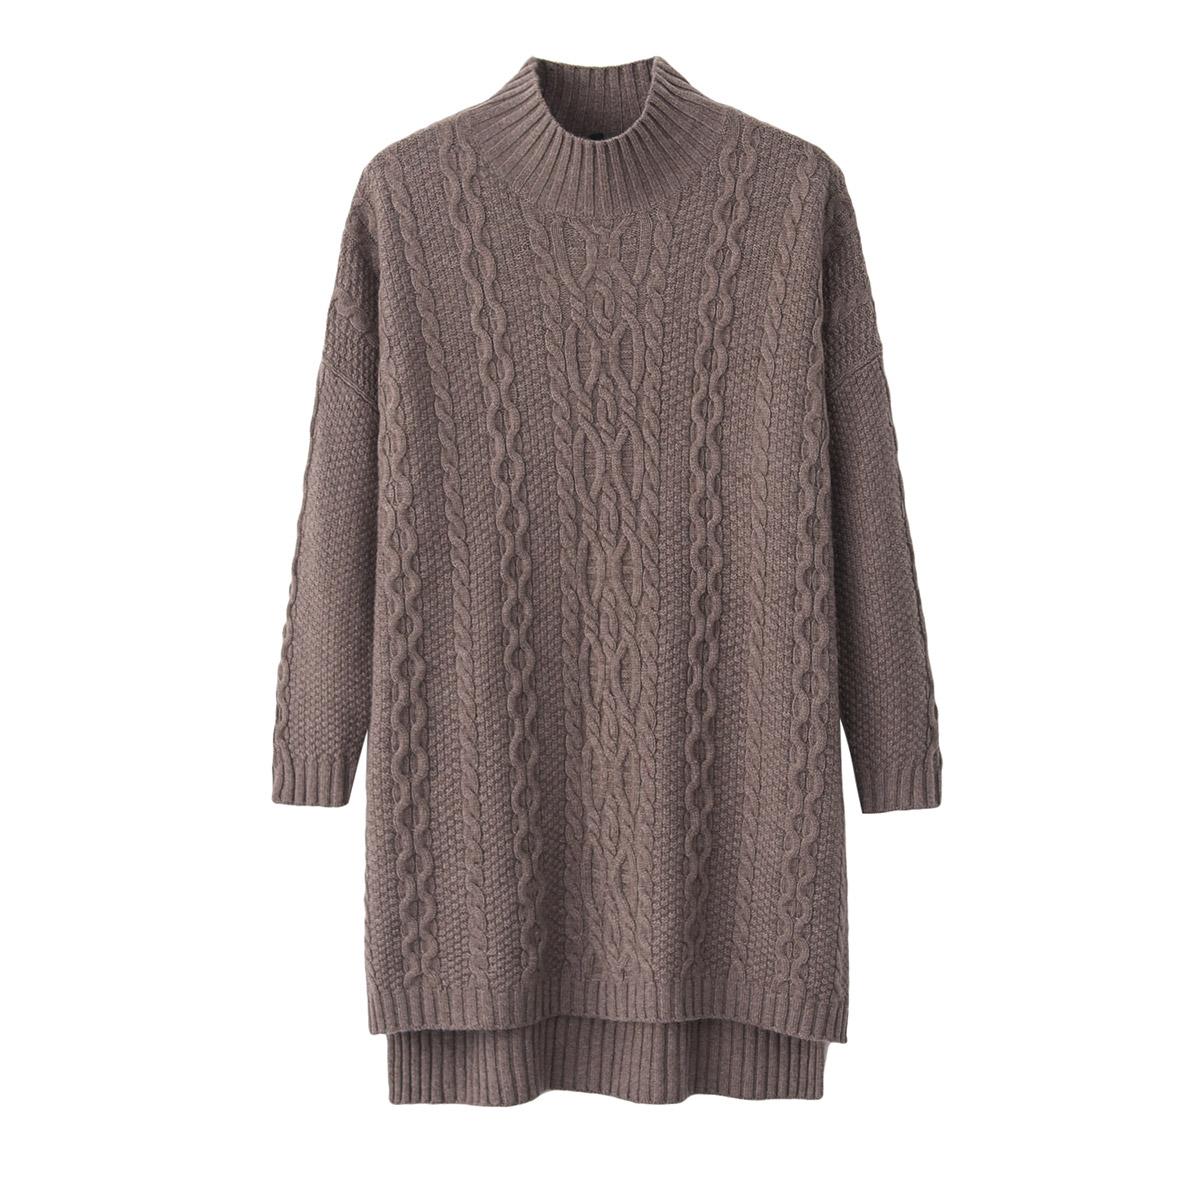 女士半高领羊绒衫中长款宽松韩版显瘦针织衫前短后长开叉套头毛衣